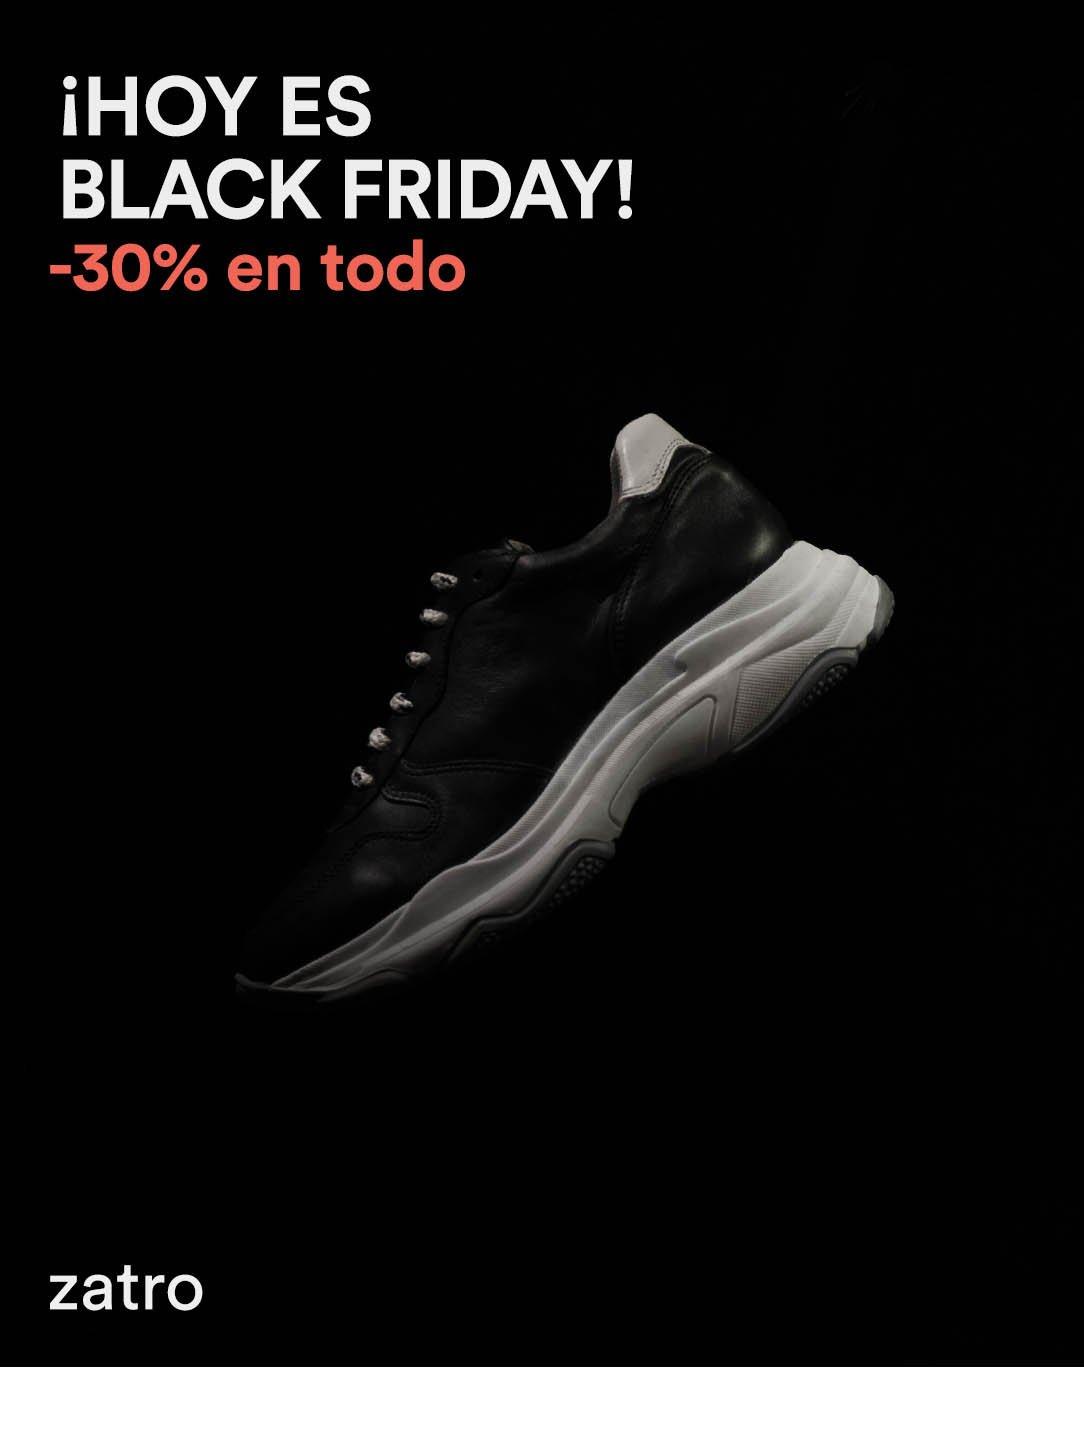 De Complète 30 Friday Today es Collection Zatro Is La Fraisé Black cqHwwyY6U1